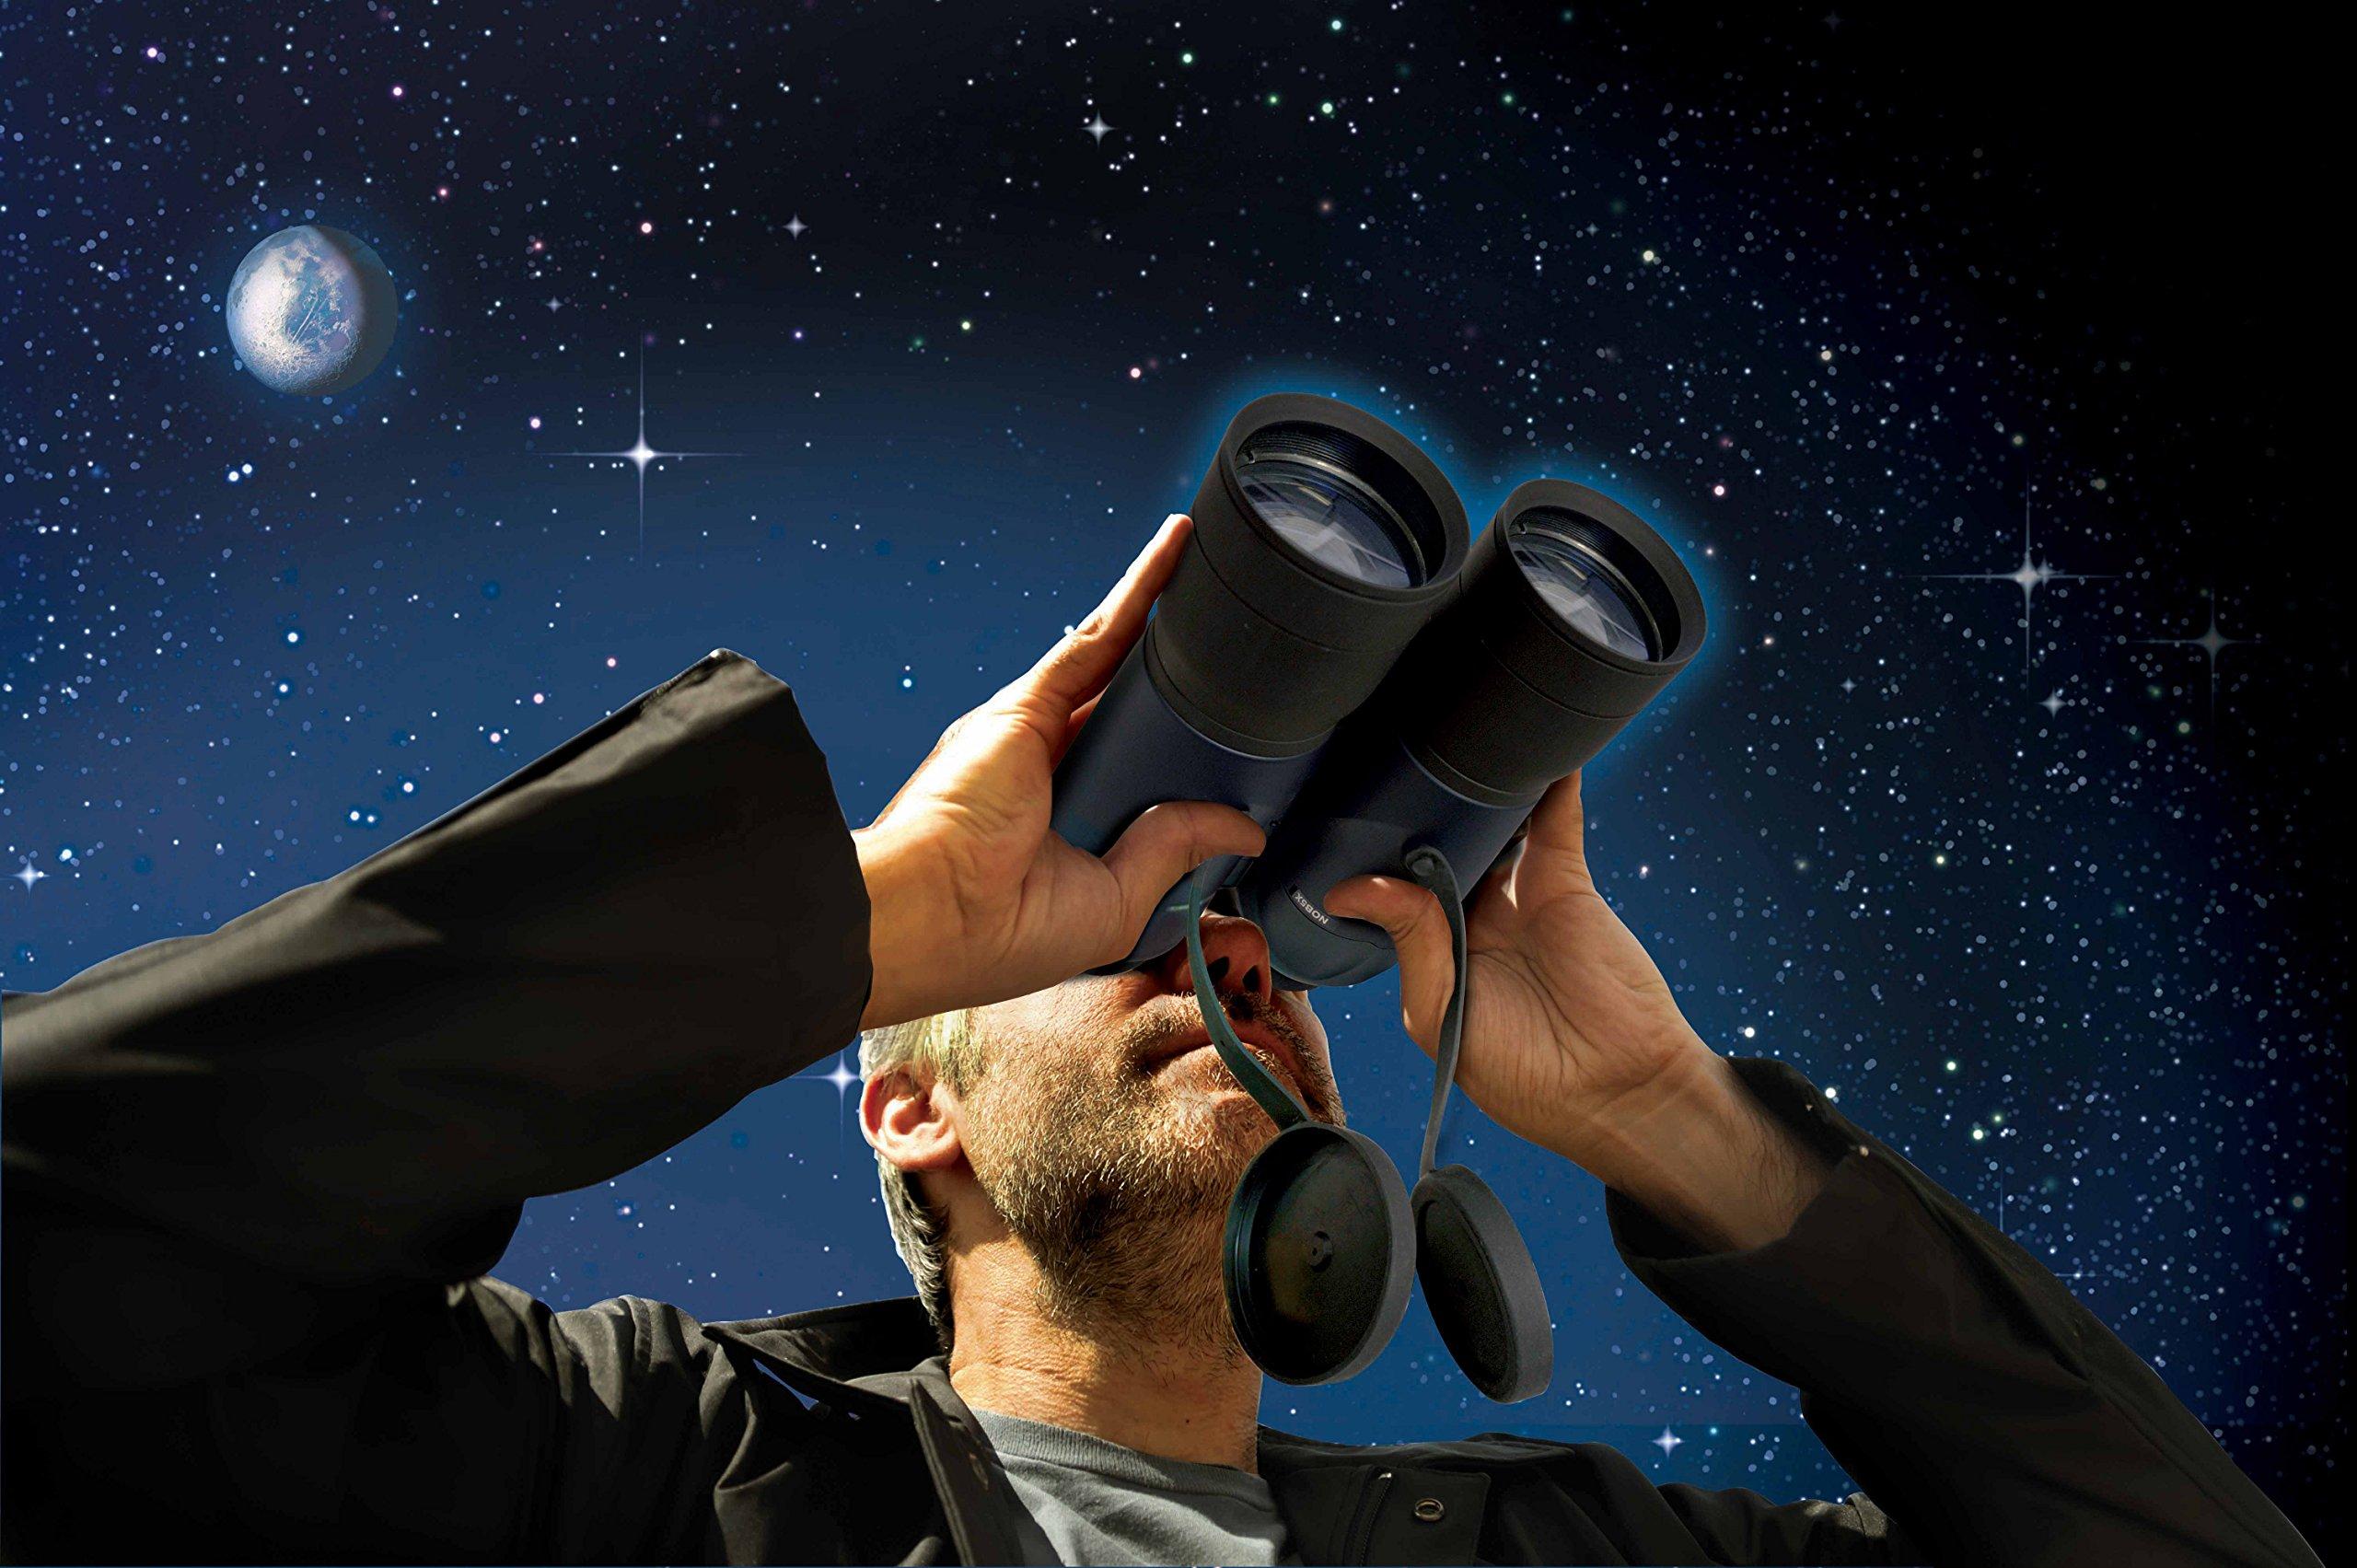 Night Owl Pro Nexgen Night Vision Binocular (5x) by Night Owl (Image #4)